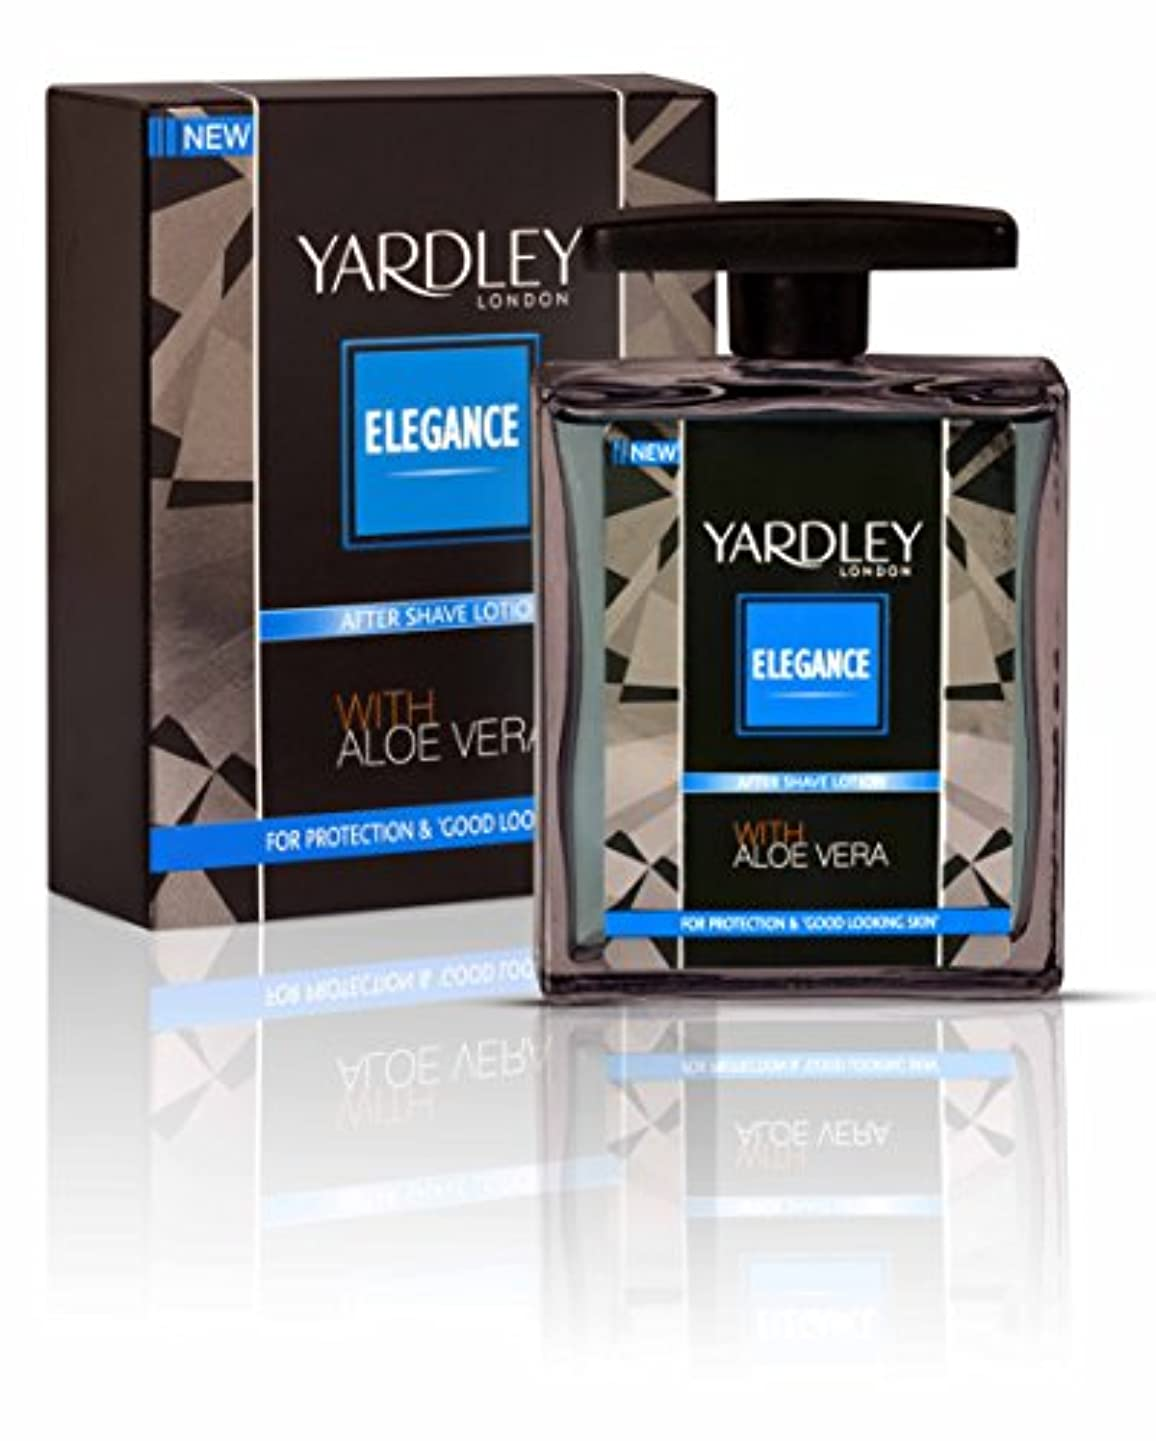 詩裸ビルマYardley London Elegance After Shave Lotion With Aloe Vera 50ml